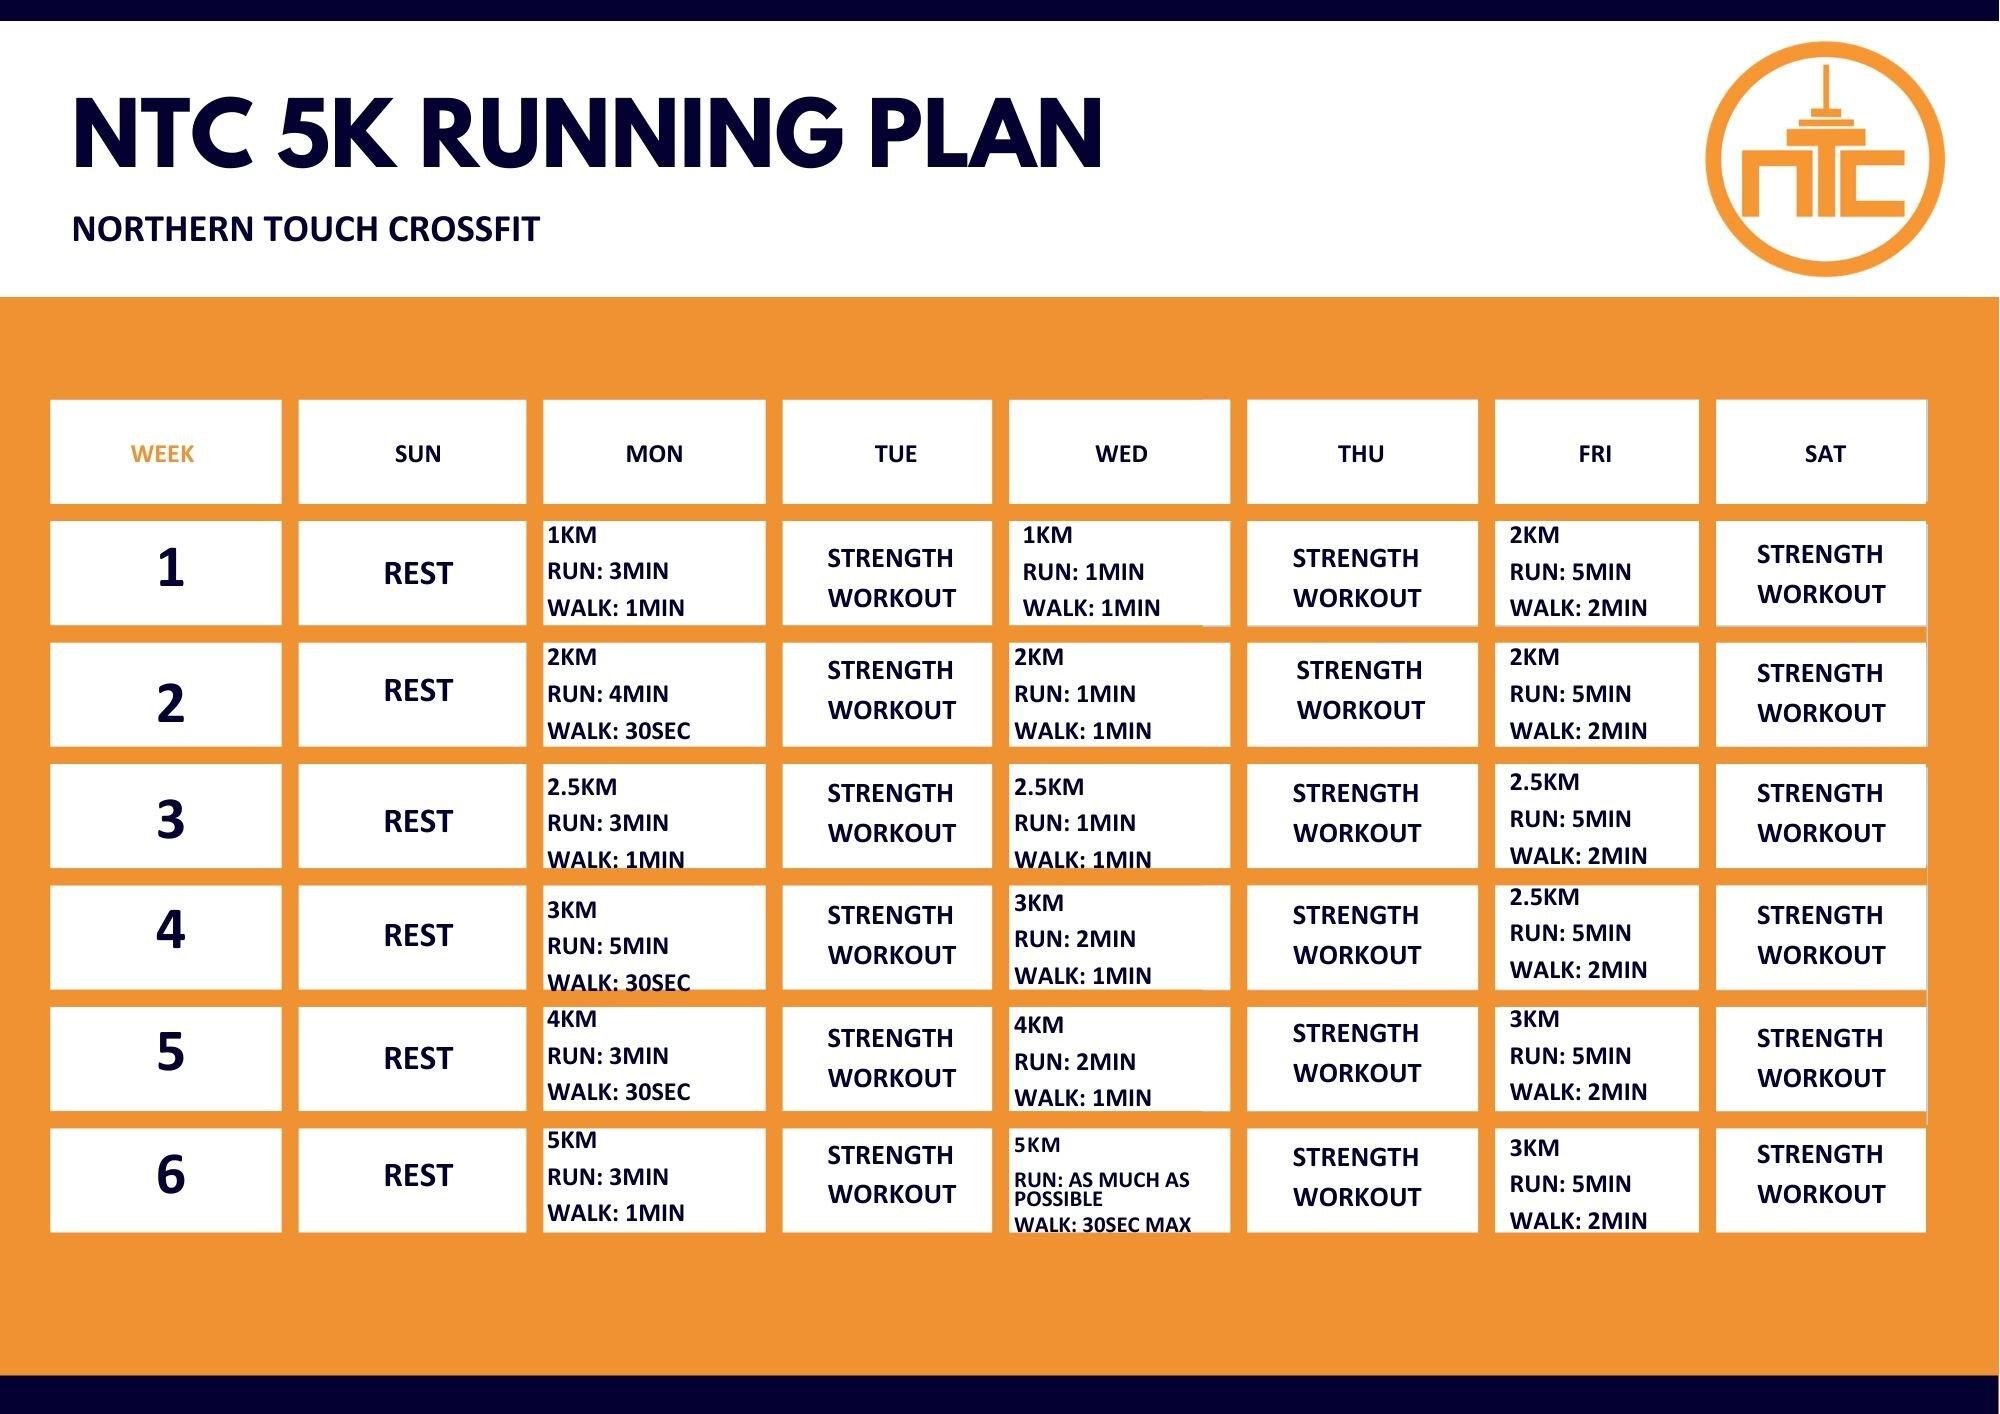 5k Running plan.jpg